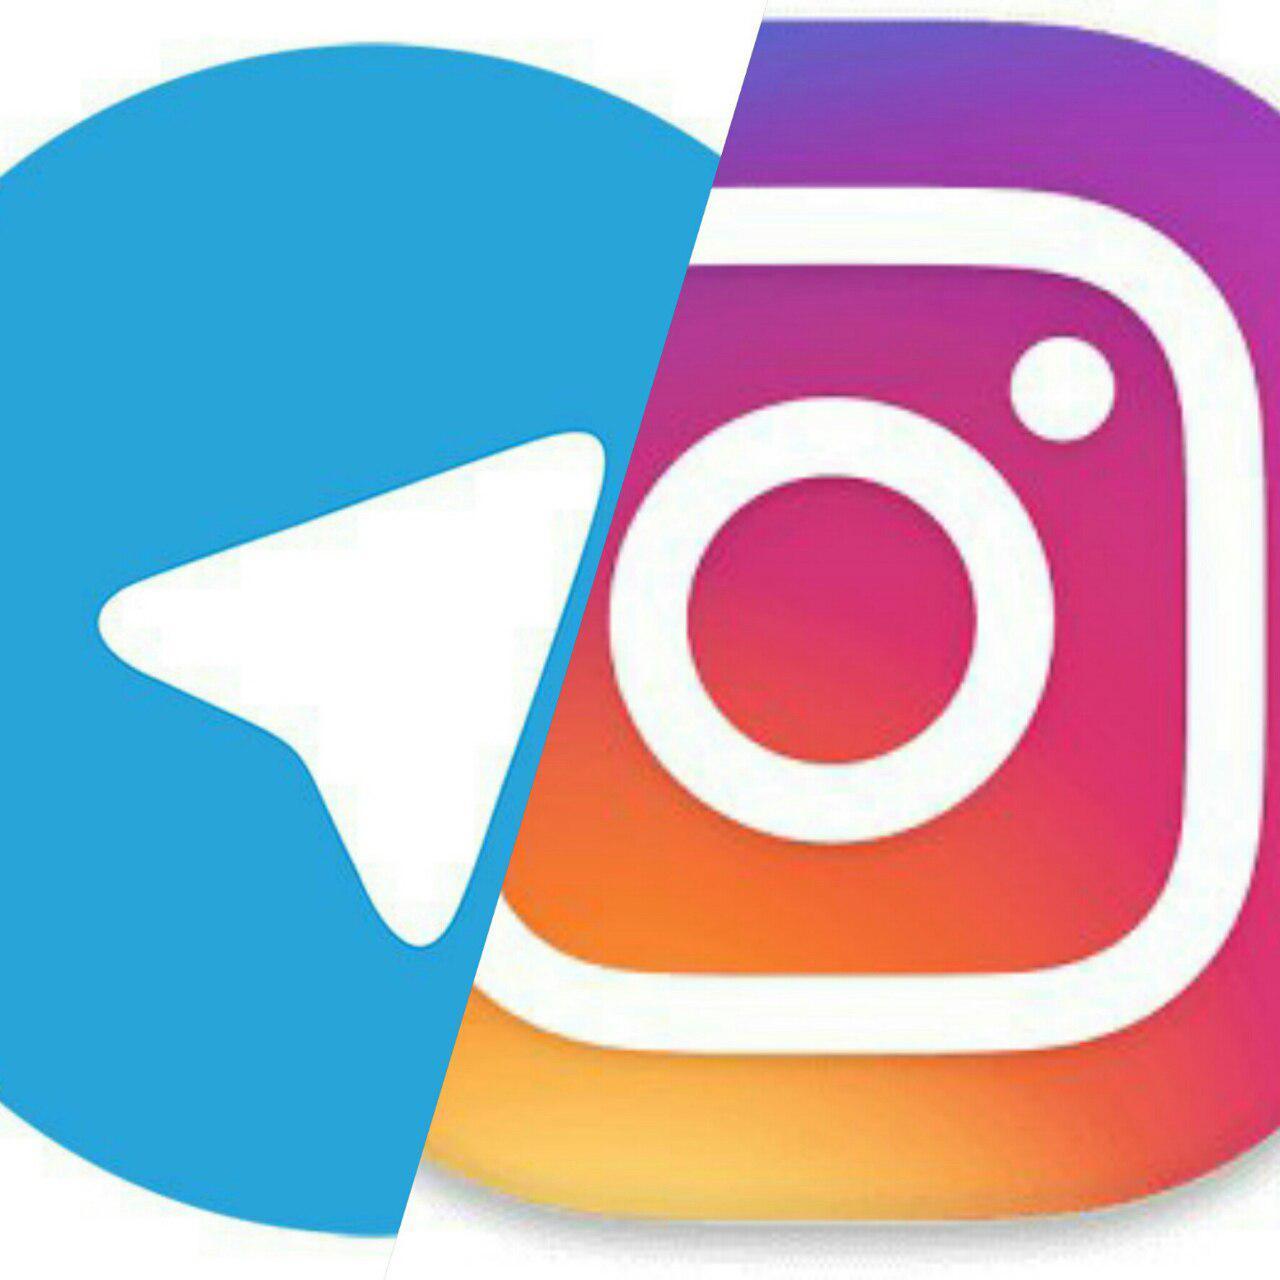 گیمفا را در اینستاگرام و تلگرام دنبال کنید